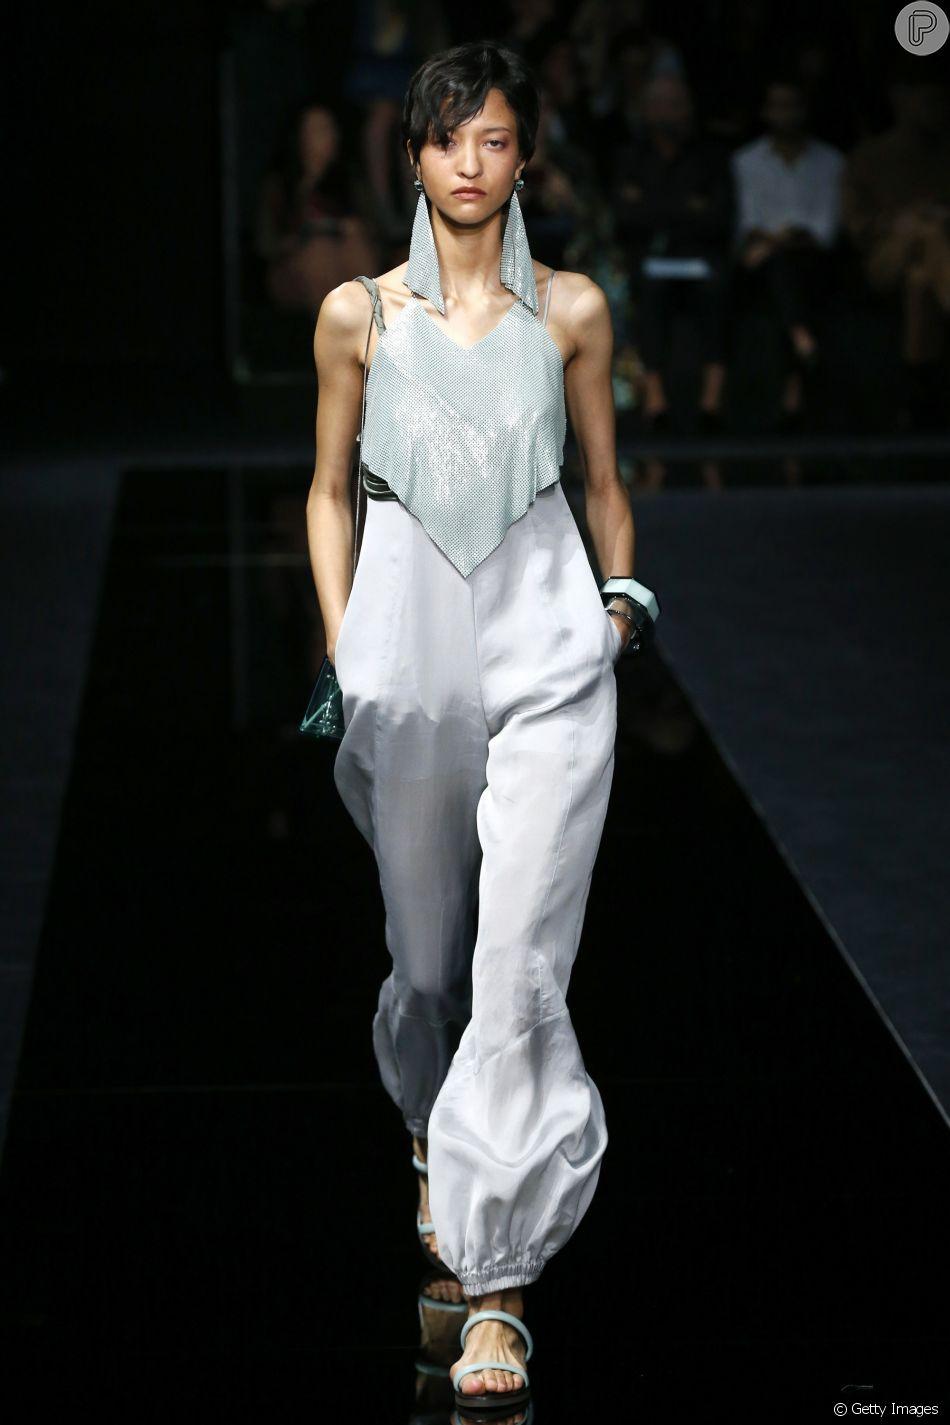 A Emporio Armani mostrou na Semana de Moda de Milão que o prateado está em alta para os looks de festa